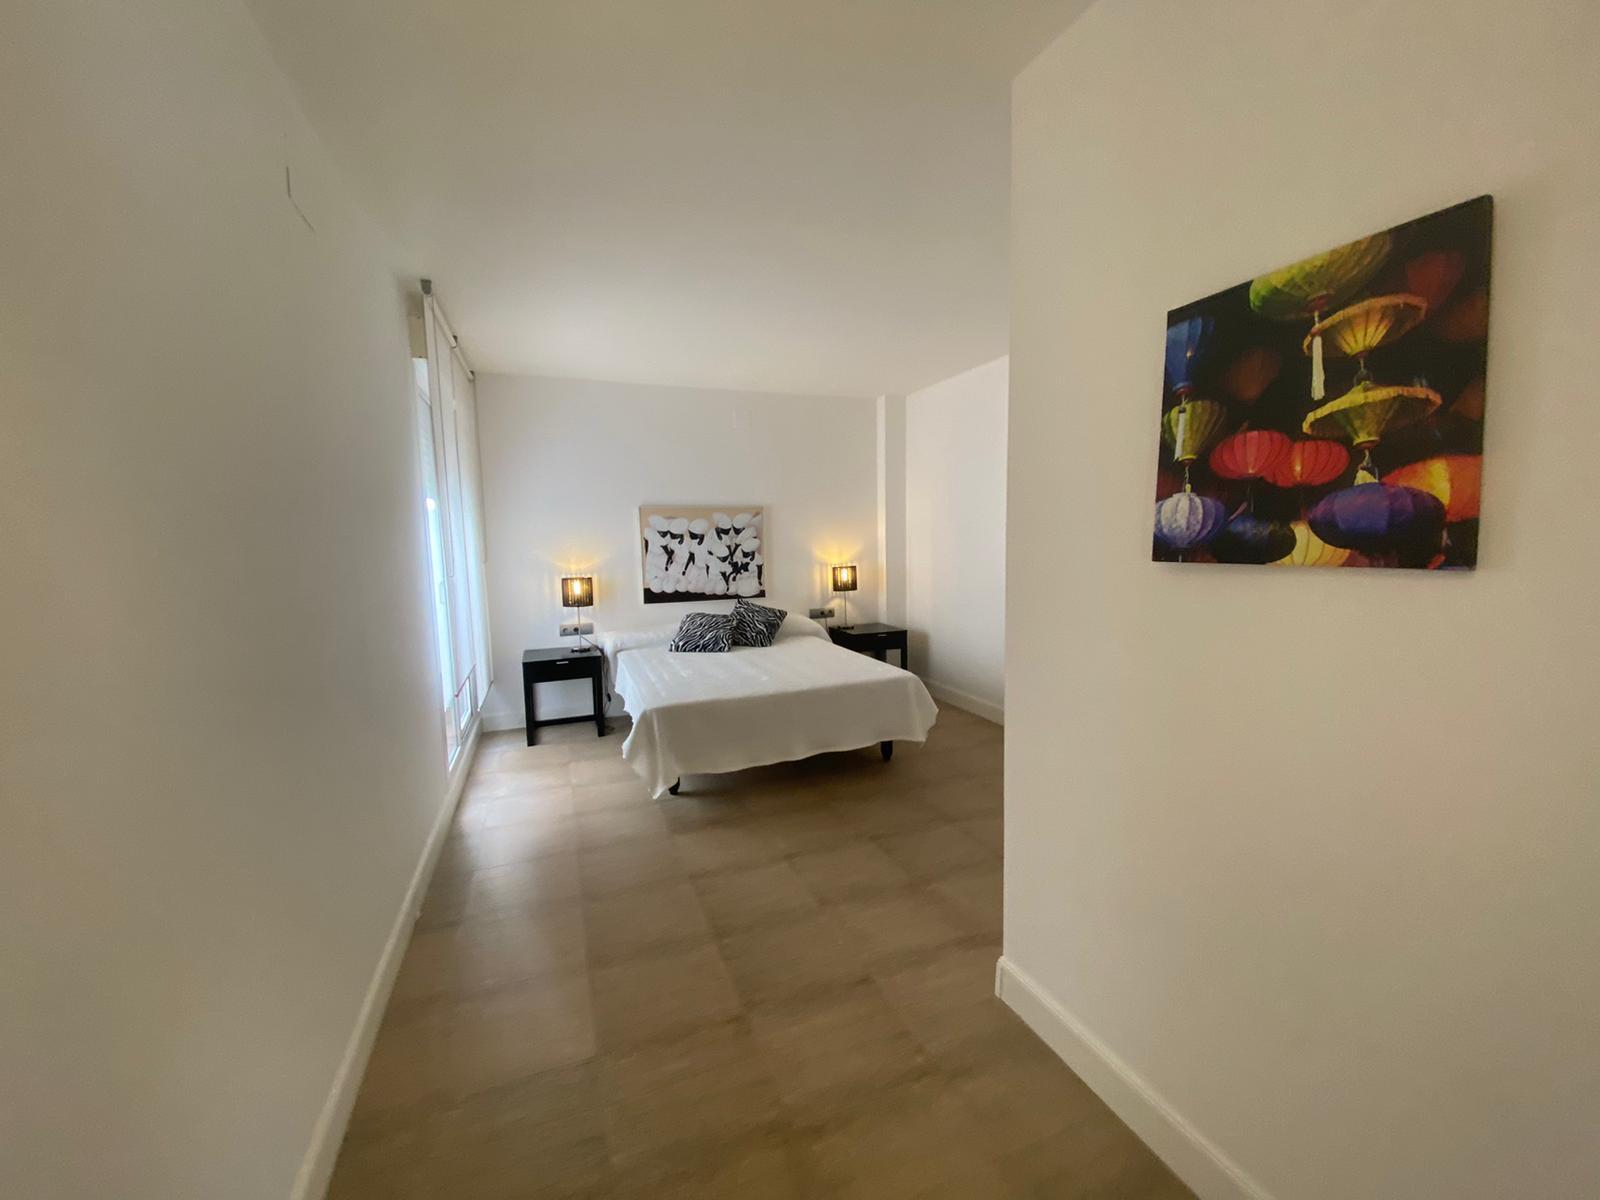 Imagen 8 del Apartamento Turístico, Ático 1 Central (3d+2b), Punta del Moral (HUELVA), Paseo de la Cruz nº22